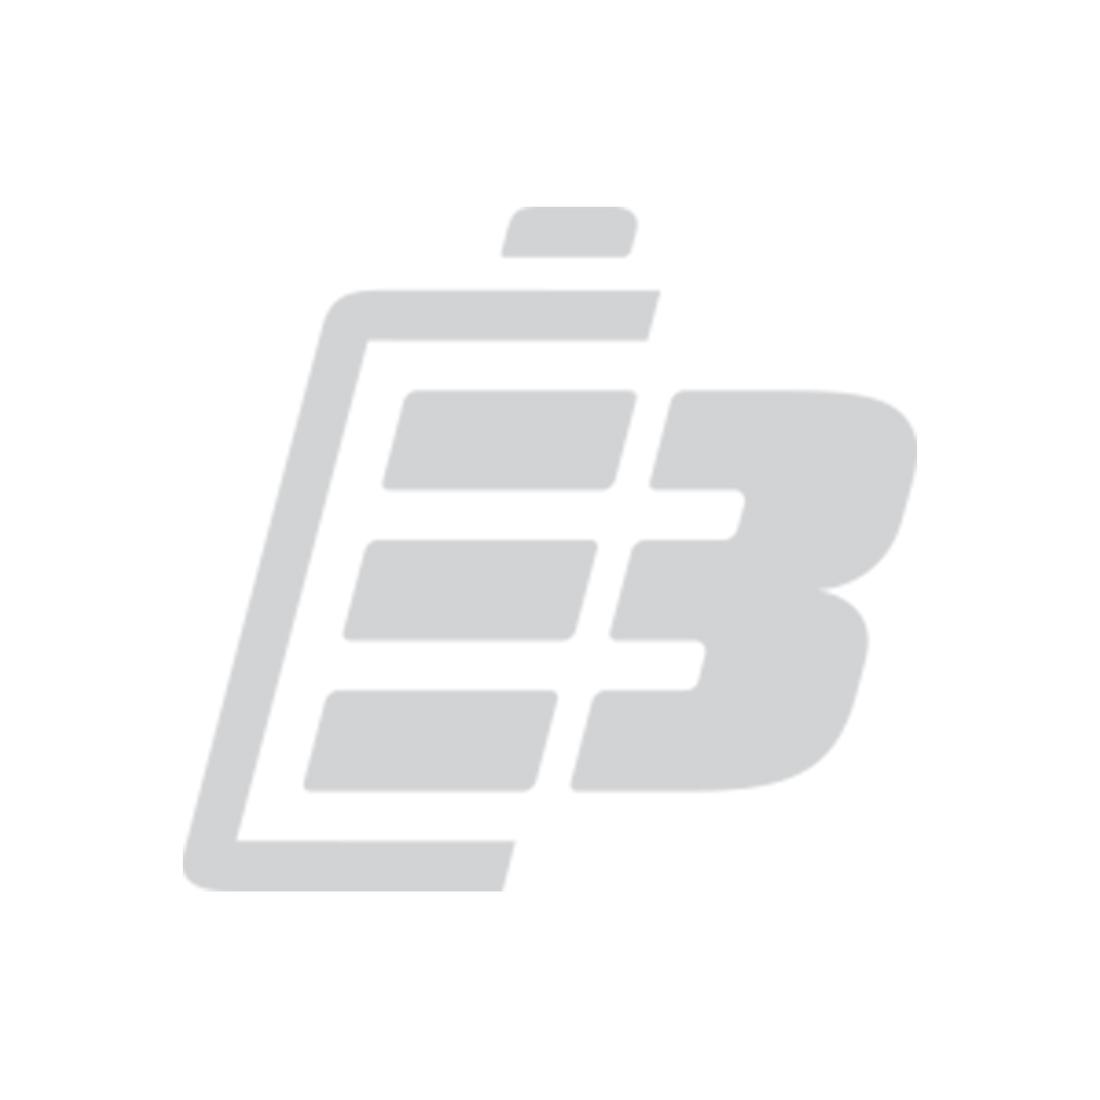 Tablet battery Motorola Xoom MZ604_1